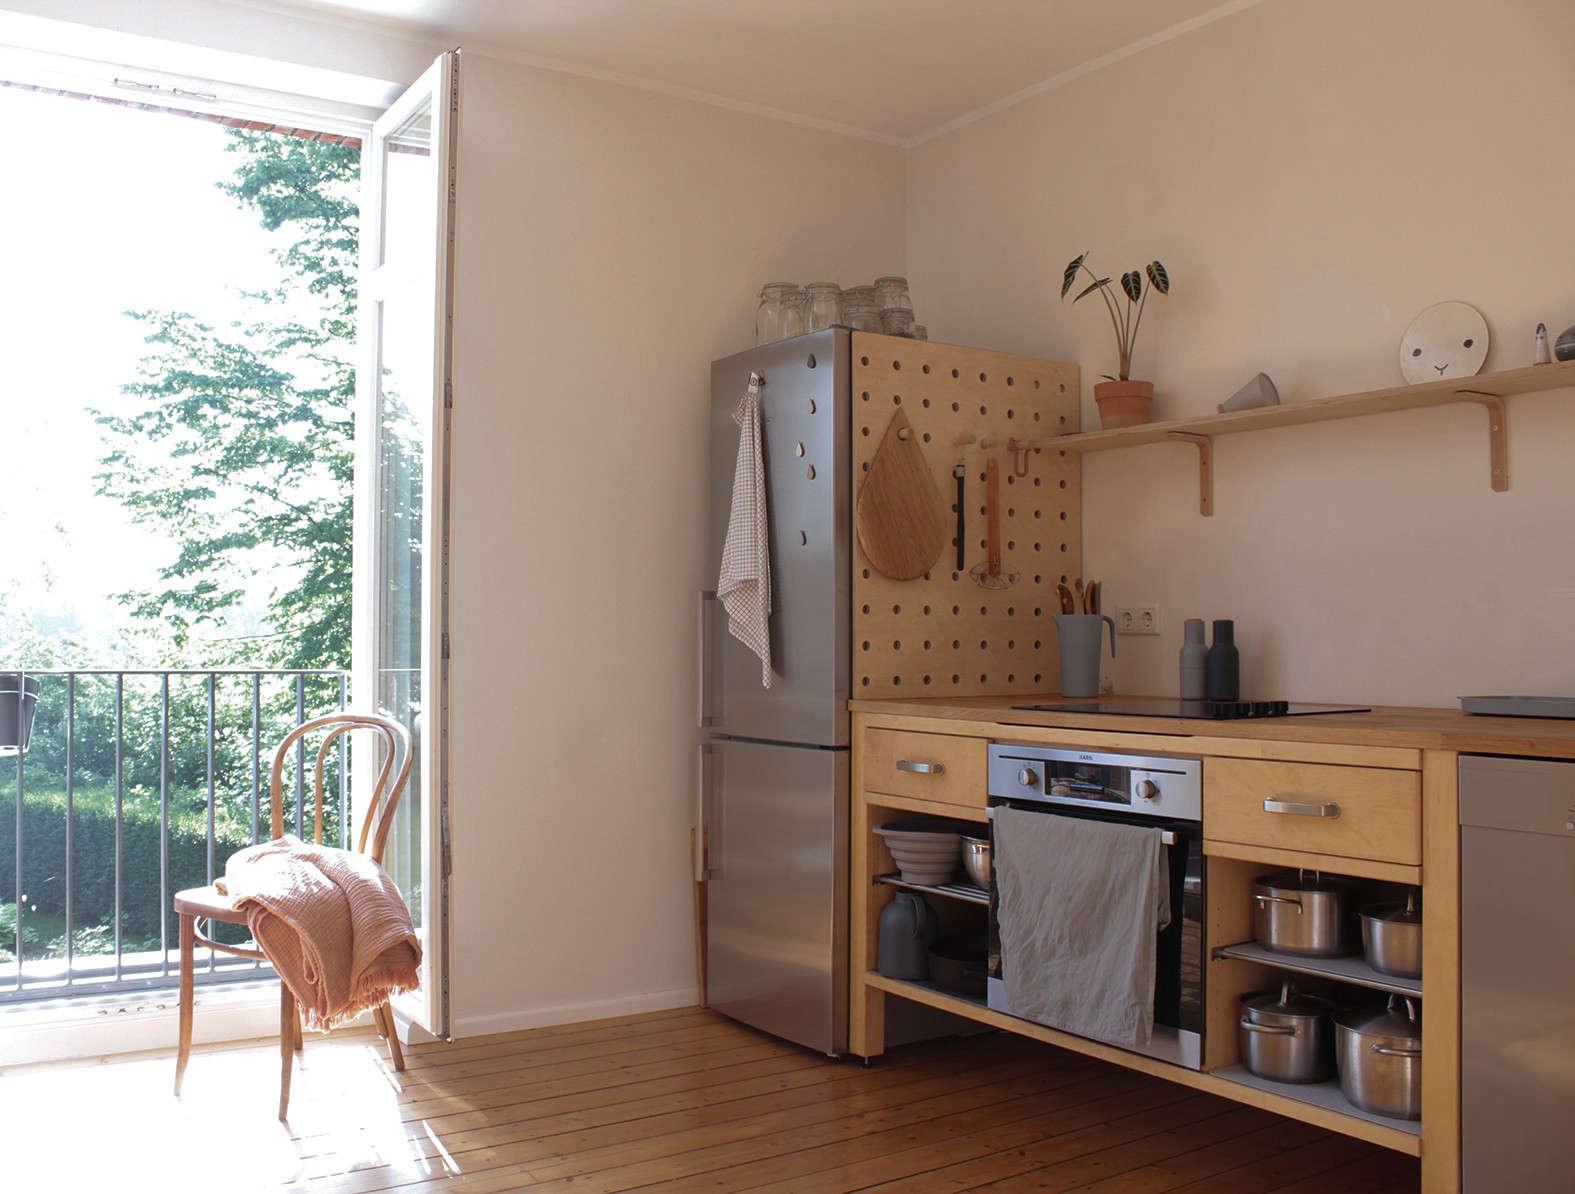 swantje hinrichsen repurposed ikea kitchen 1